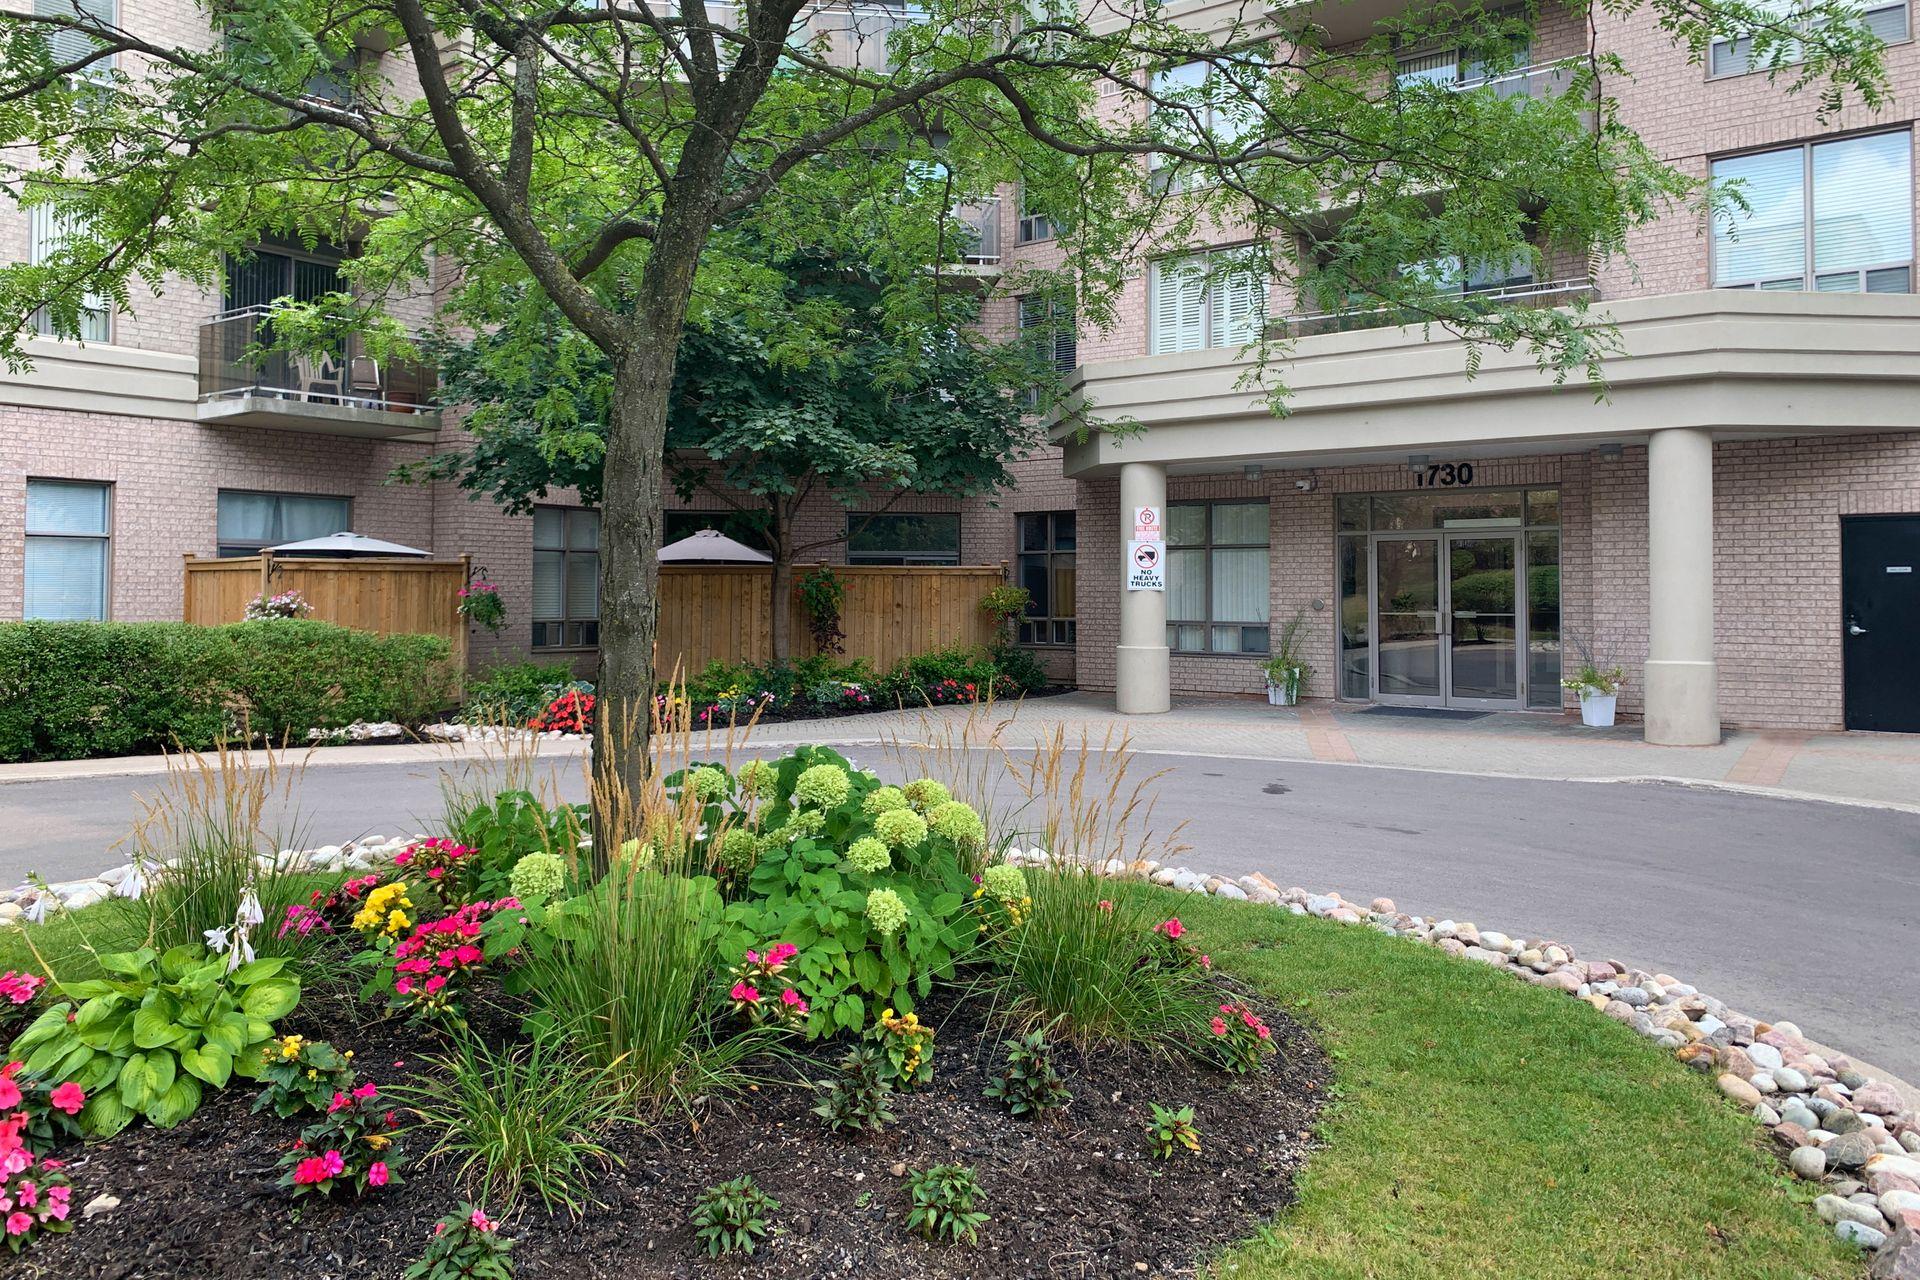 Front at 610 - 1730 Eglinton Avenue E, Victoria Village, Toronto